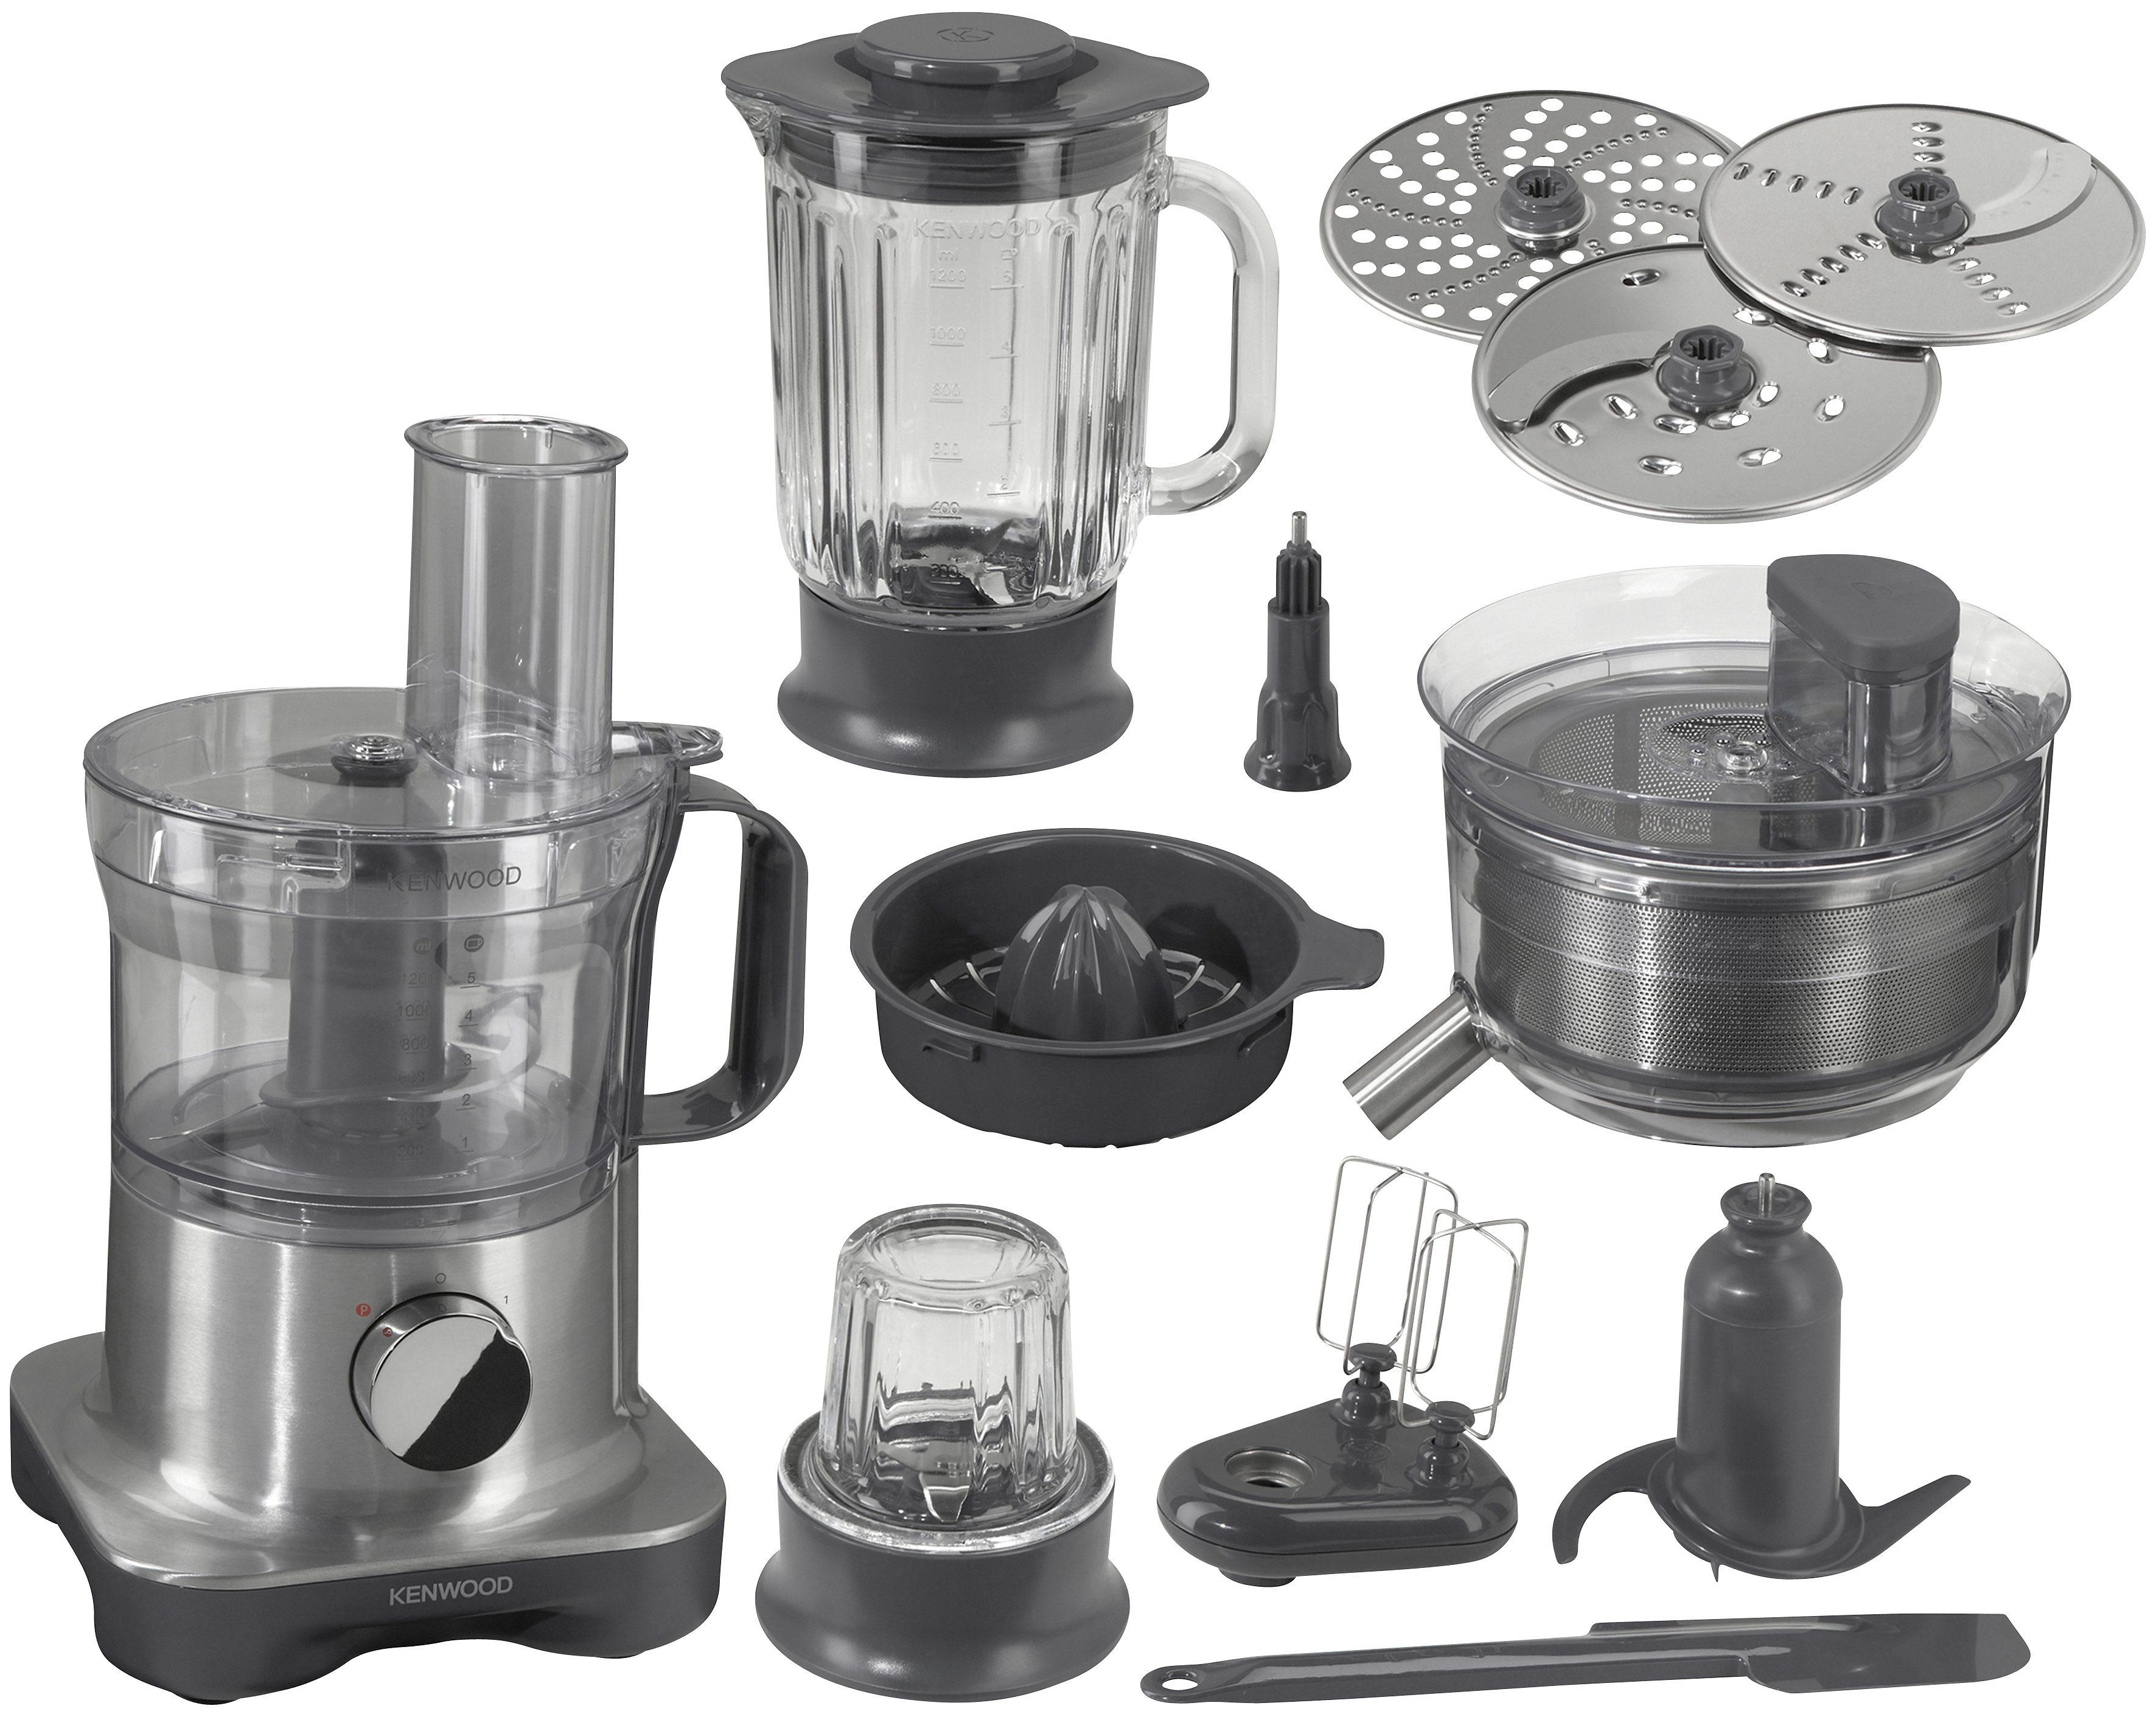 Kenwood Küchenmaschine »FP270«, 2,1 Liter, 750 Watt